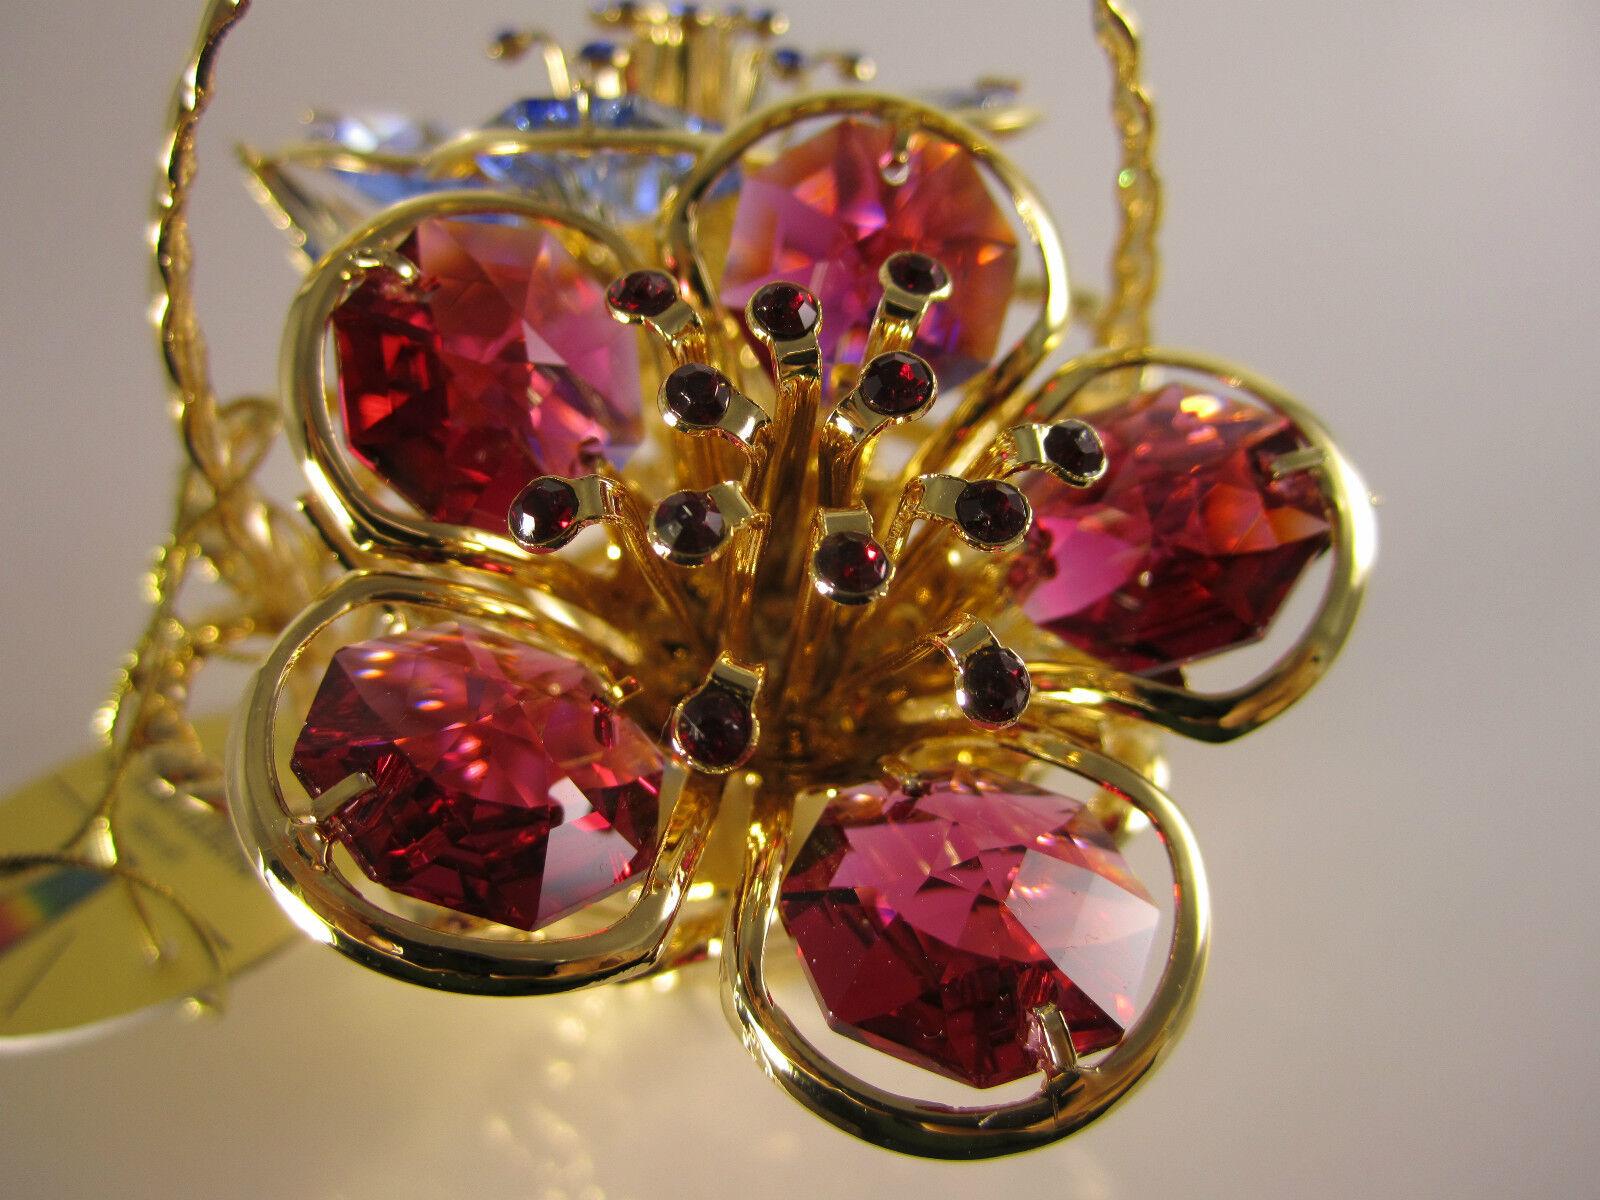 Blumenkorb mit Swarowski Kristallen Bestückt Gold